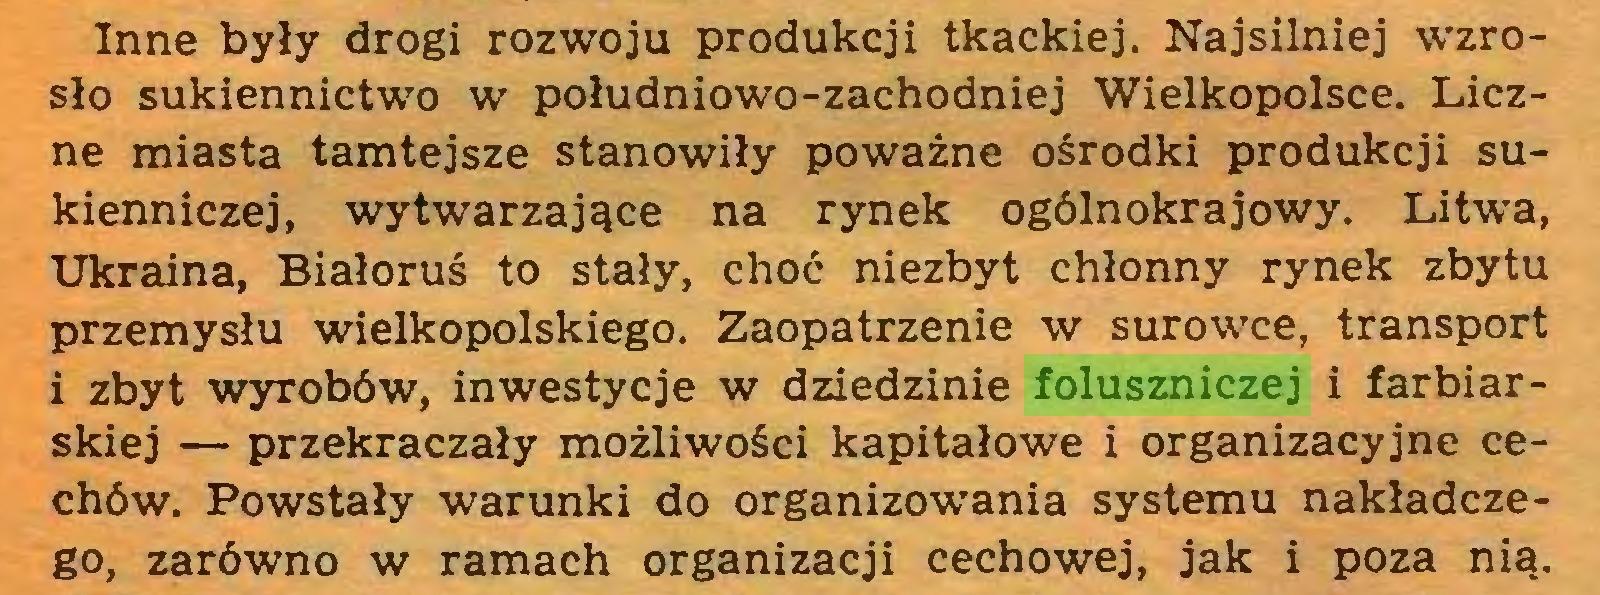 (...) Inne były drogi rozwoju produkcji tkackiej. Najsilniej wzrosło sukiennictwo w południowo-zachodniej Wielkopolsce. Liczne miasta tamtejsze stanowiły poważne ośrodki produkcji sukienniczej, wytwarzające na rynek ogólnokrajowy. Litwa, Ukraina, Białoruś to stały, choć niezbyt chłonny rynek zbytu przemysłu wielkopolskiego. Zaopatrzenie w surowce, transport i zbyt wyrobów, inwestycje w dziedzinie foluszniczej i farbiarskiej — przekraczały możliwości kapitałowe i organizacyjne cechów. Powstały warunki do organizowania systemu nakładczego, zarówno w ramach organizacji cechowej, jak i poza nią...